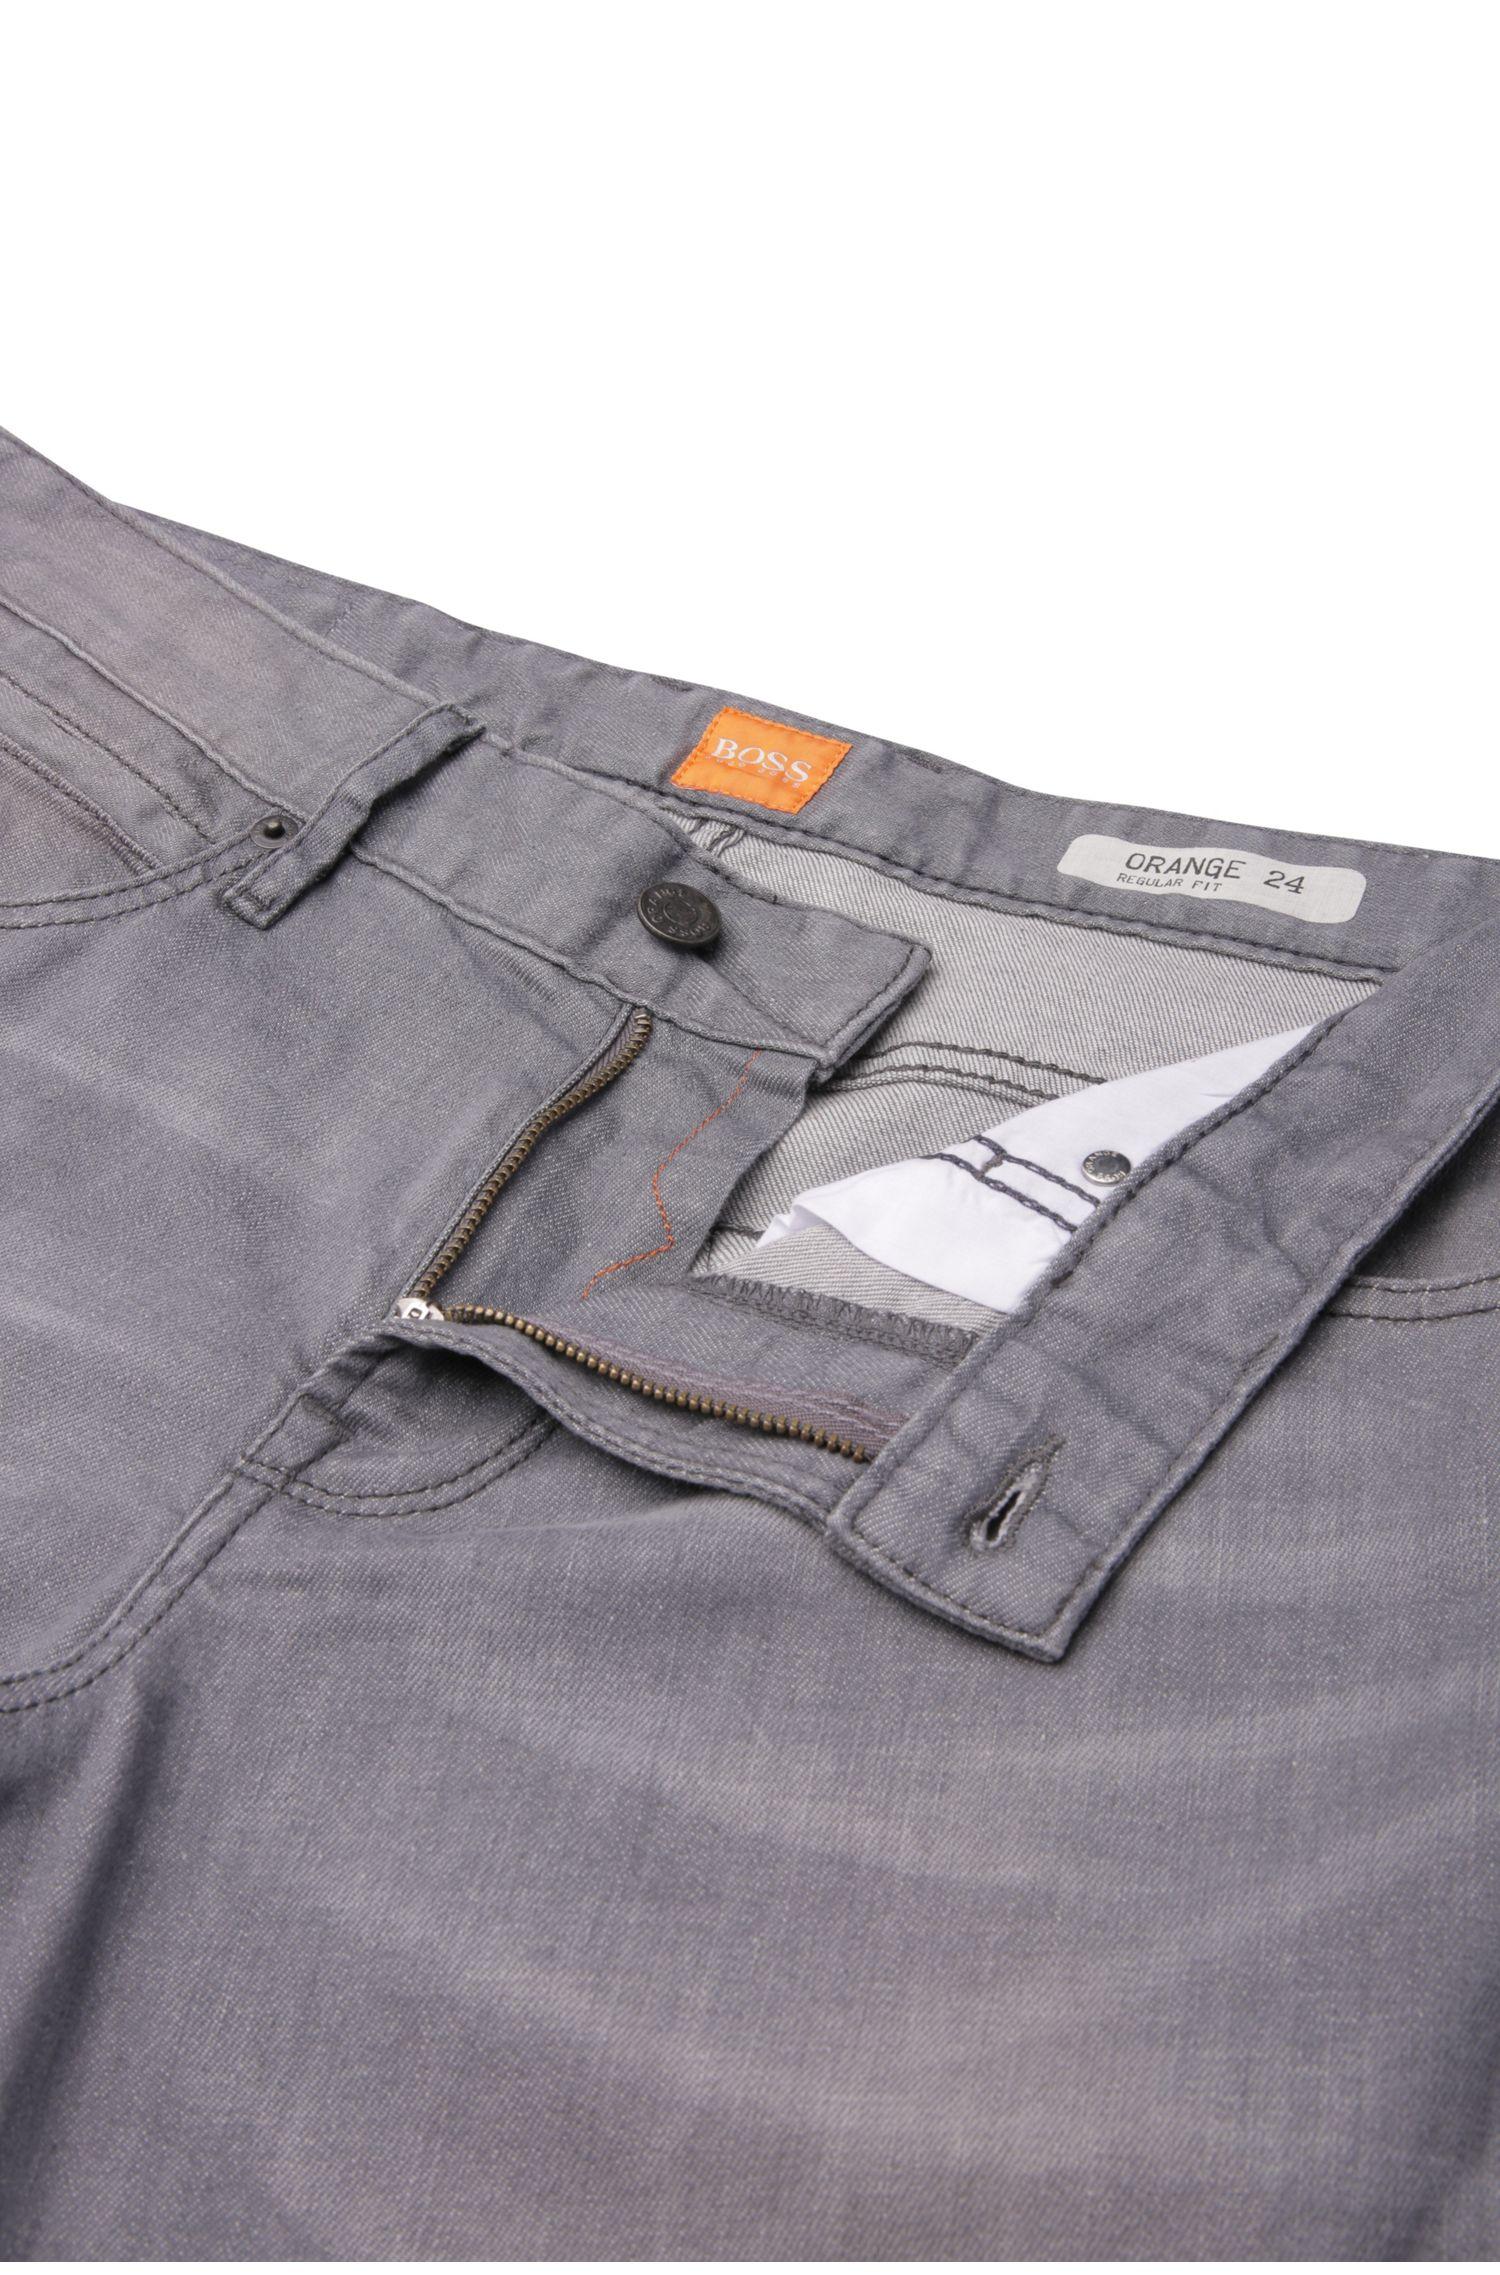 Regular-Fit Jeans aus elastischer Baumwolle: ´Orange24 Barcelona`